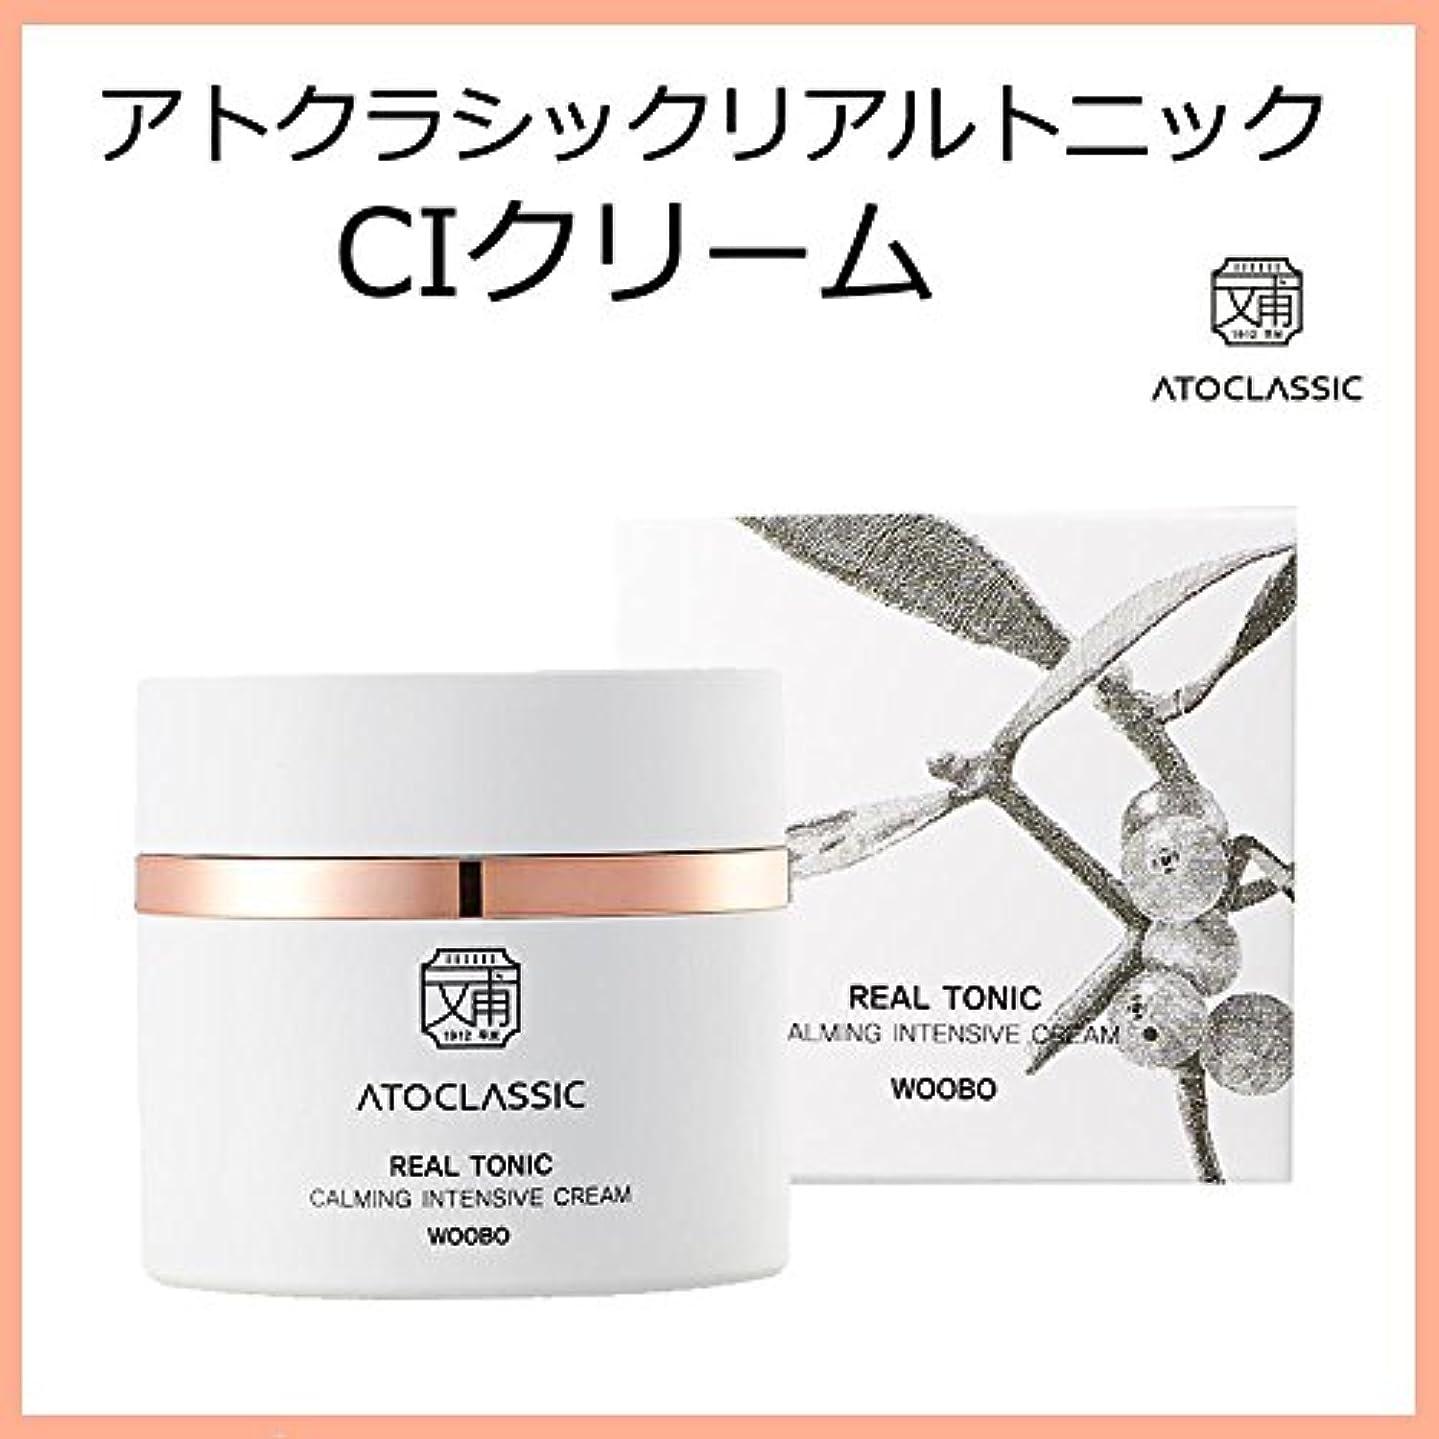 あいさつ敬の念精神的に韓国コスメ ATOCLASSIC アトクラシックリアルトニック CIクリーム(Calming Intensive Cream) 50ml